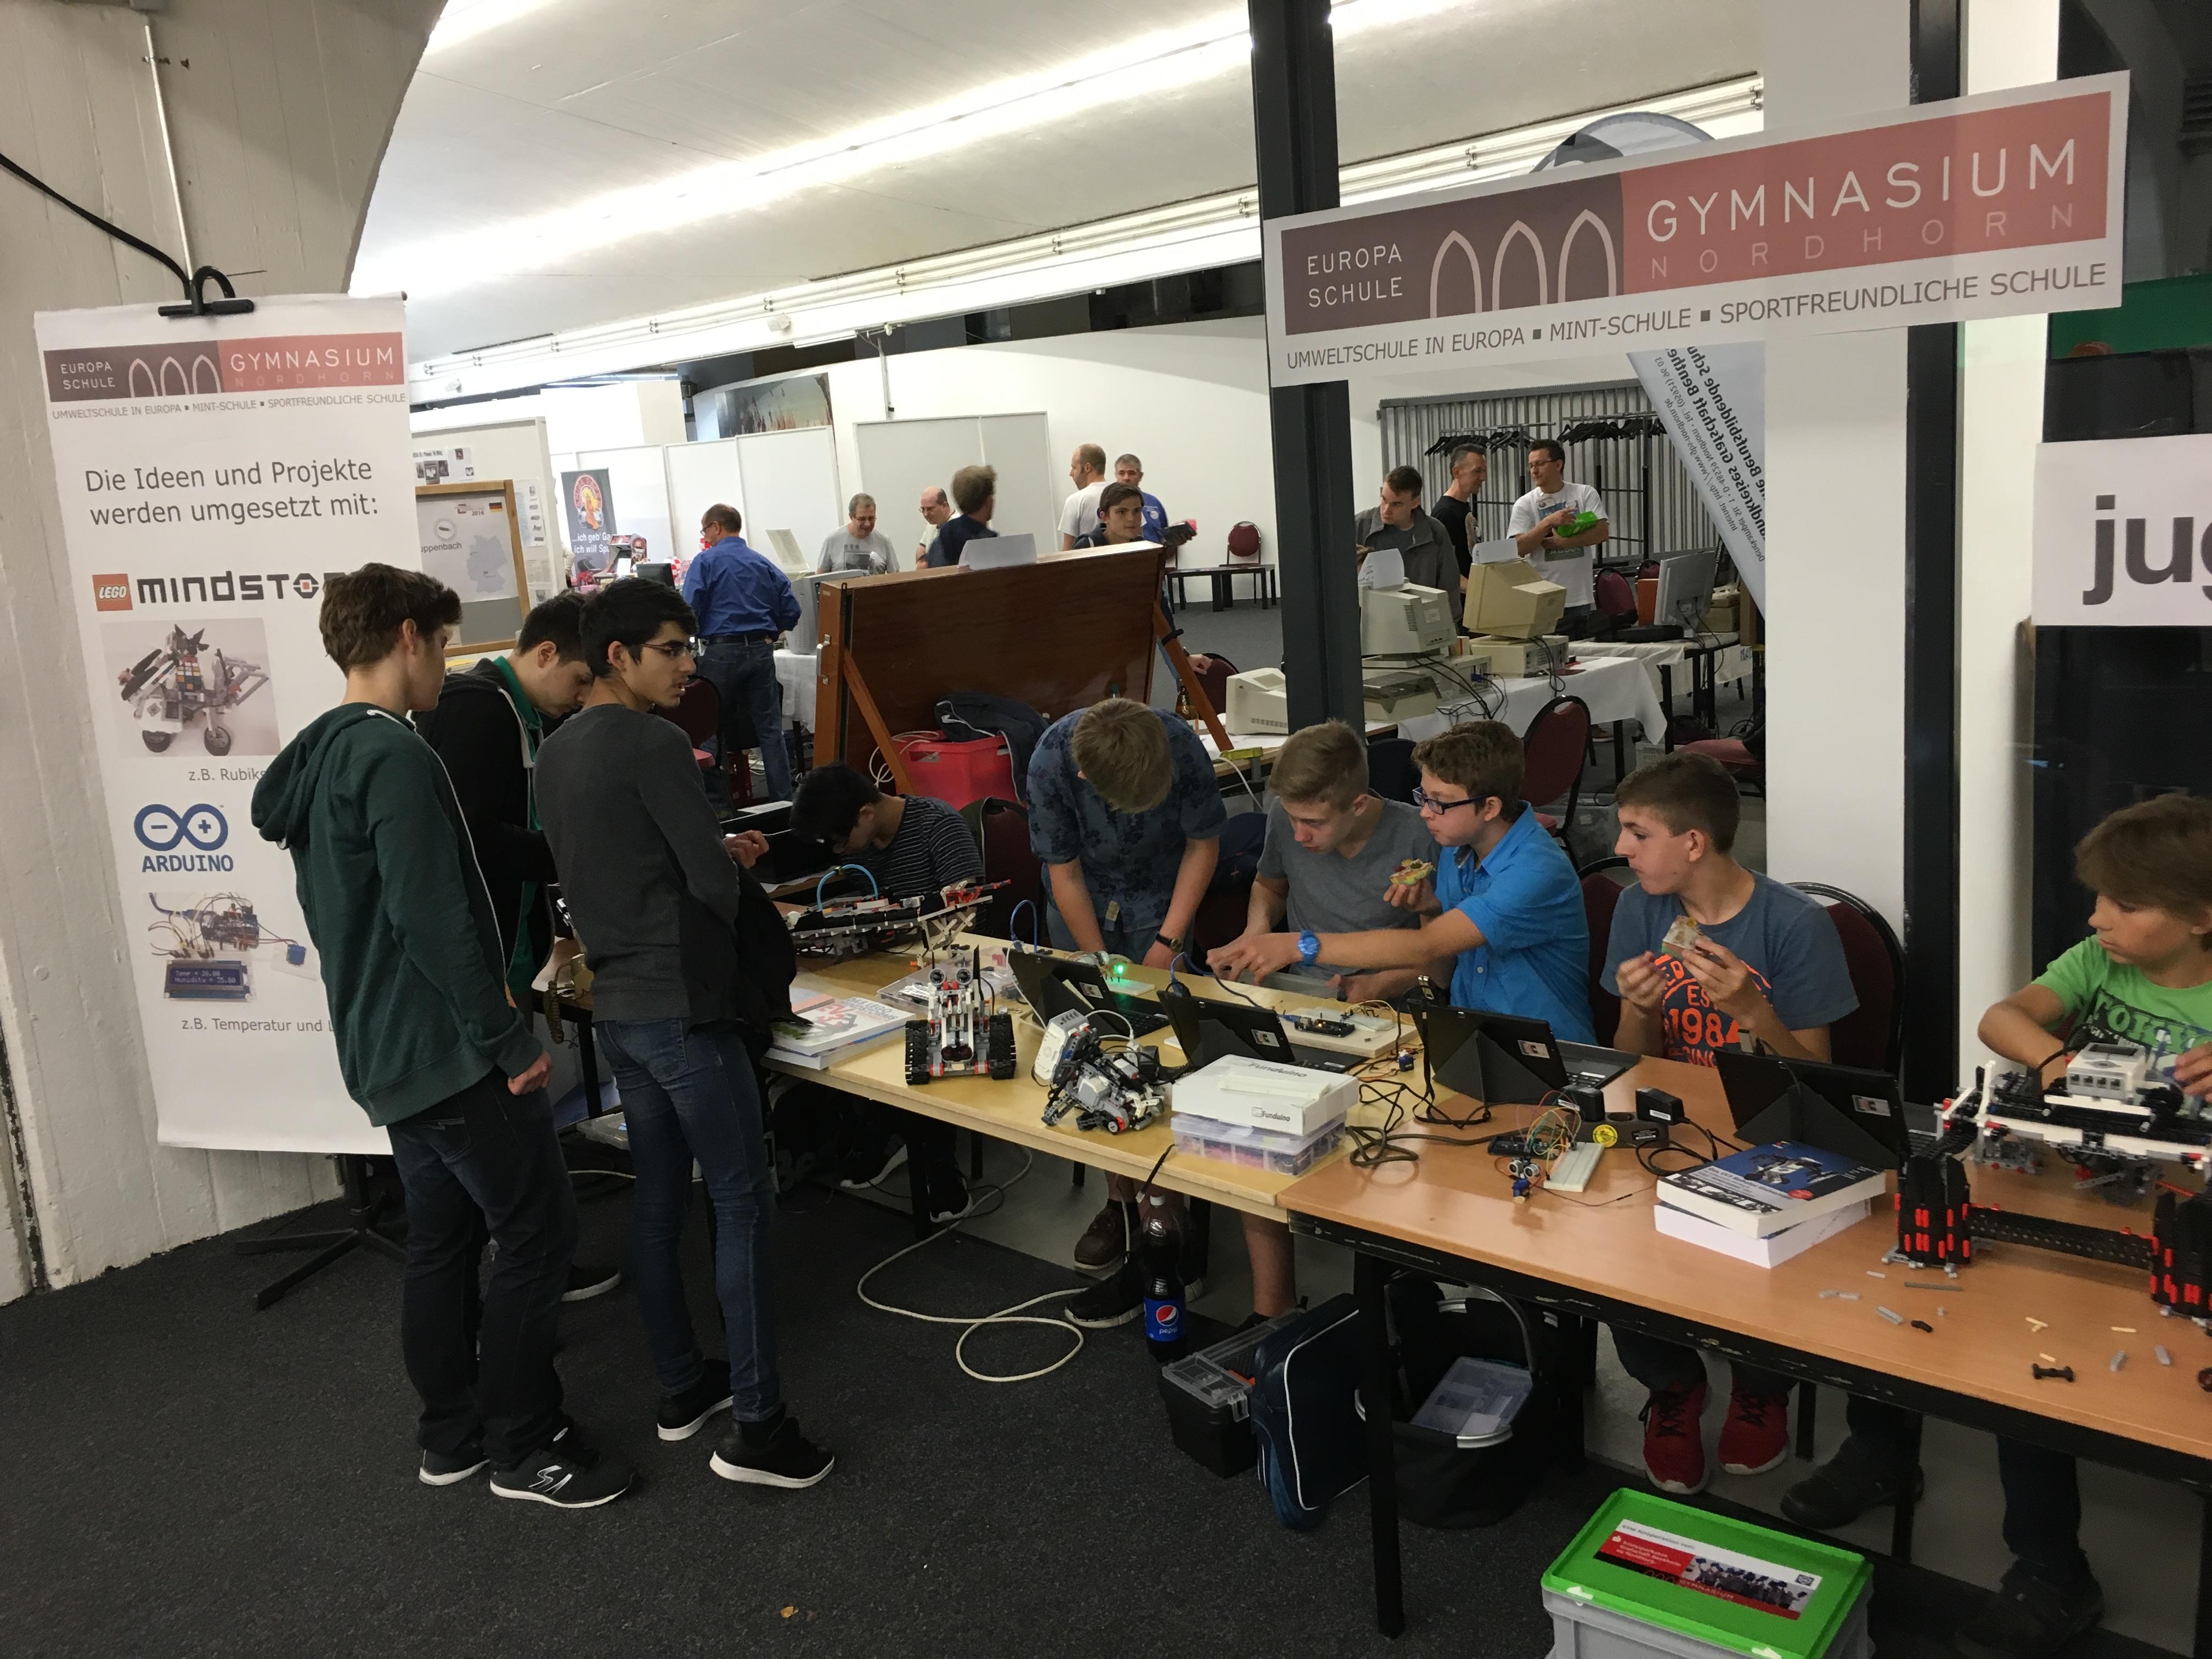 Classic Computing 2016: Wie Nordhorn für ein Wochenende zu Nerdhome wurde - Die Retroaussteller von morgen (Bild: Mario Keller)